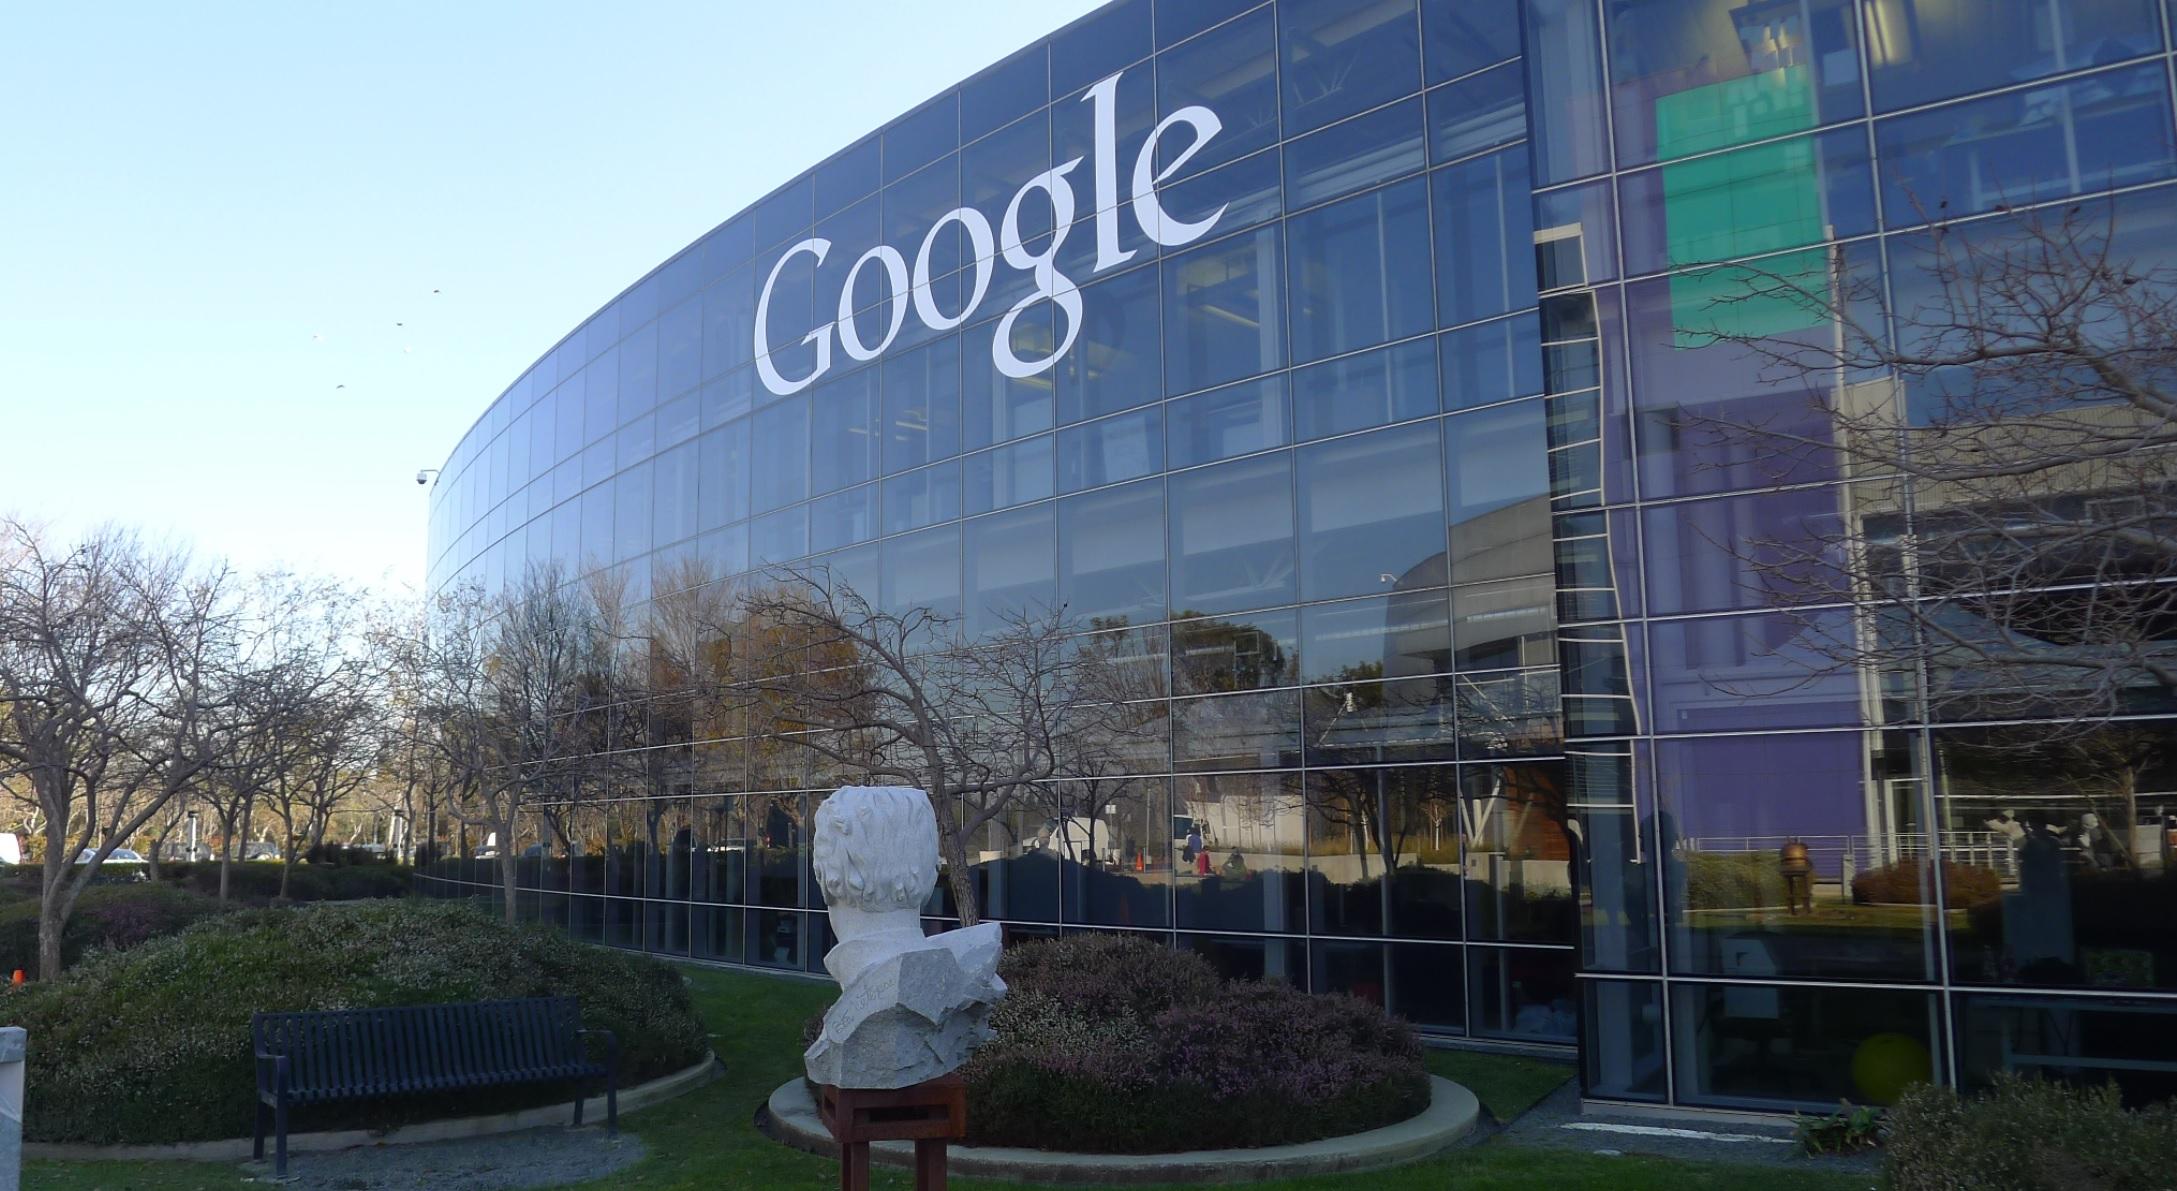 Google gjør som andre teknologi-giganter og skatter der det er billigst via en rekke smutthull.